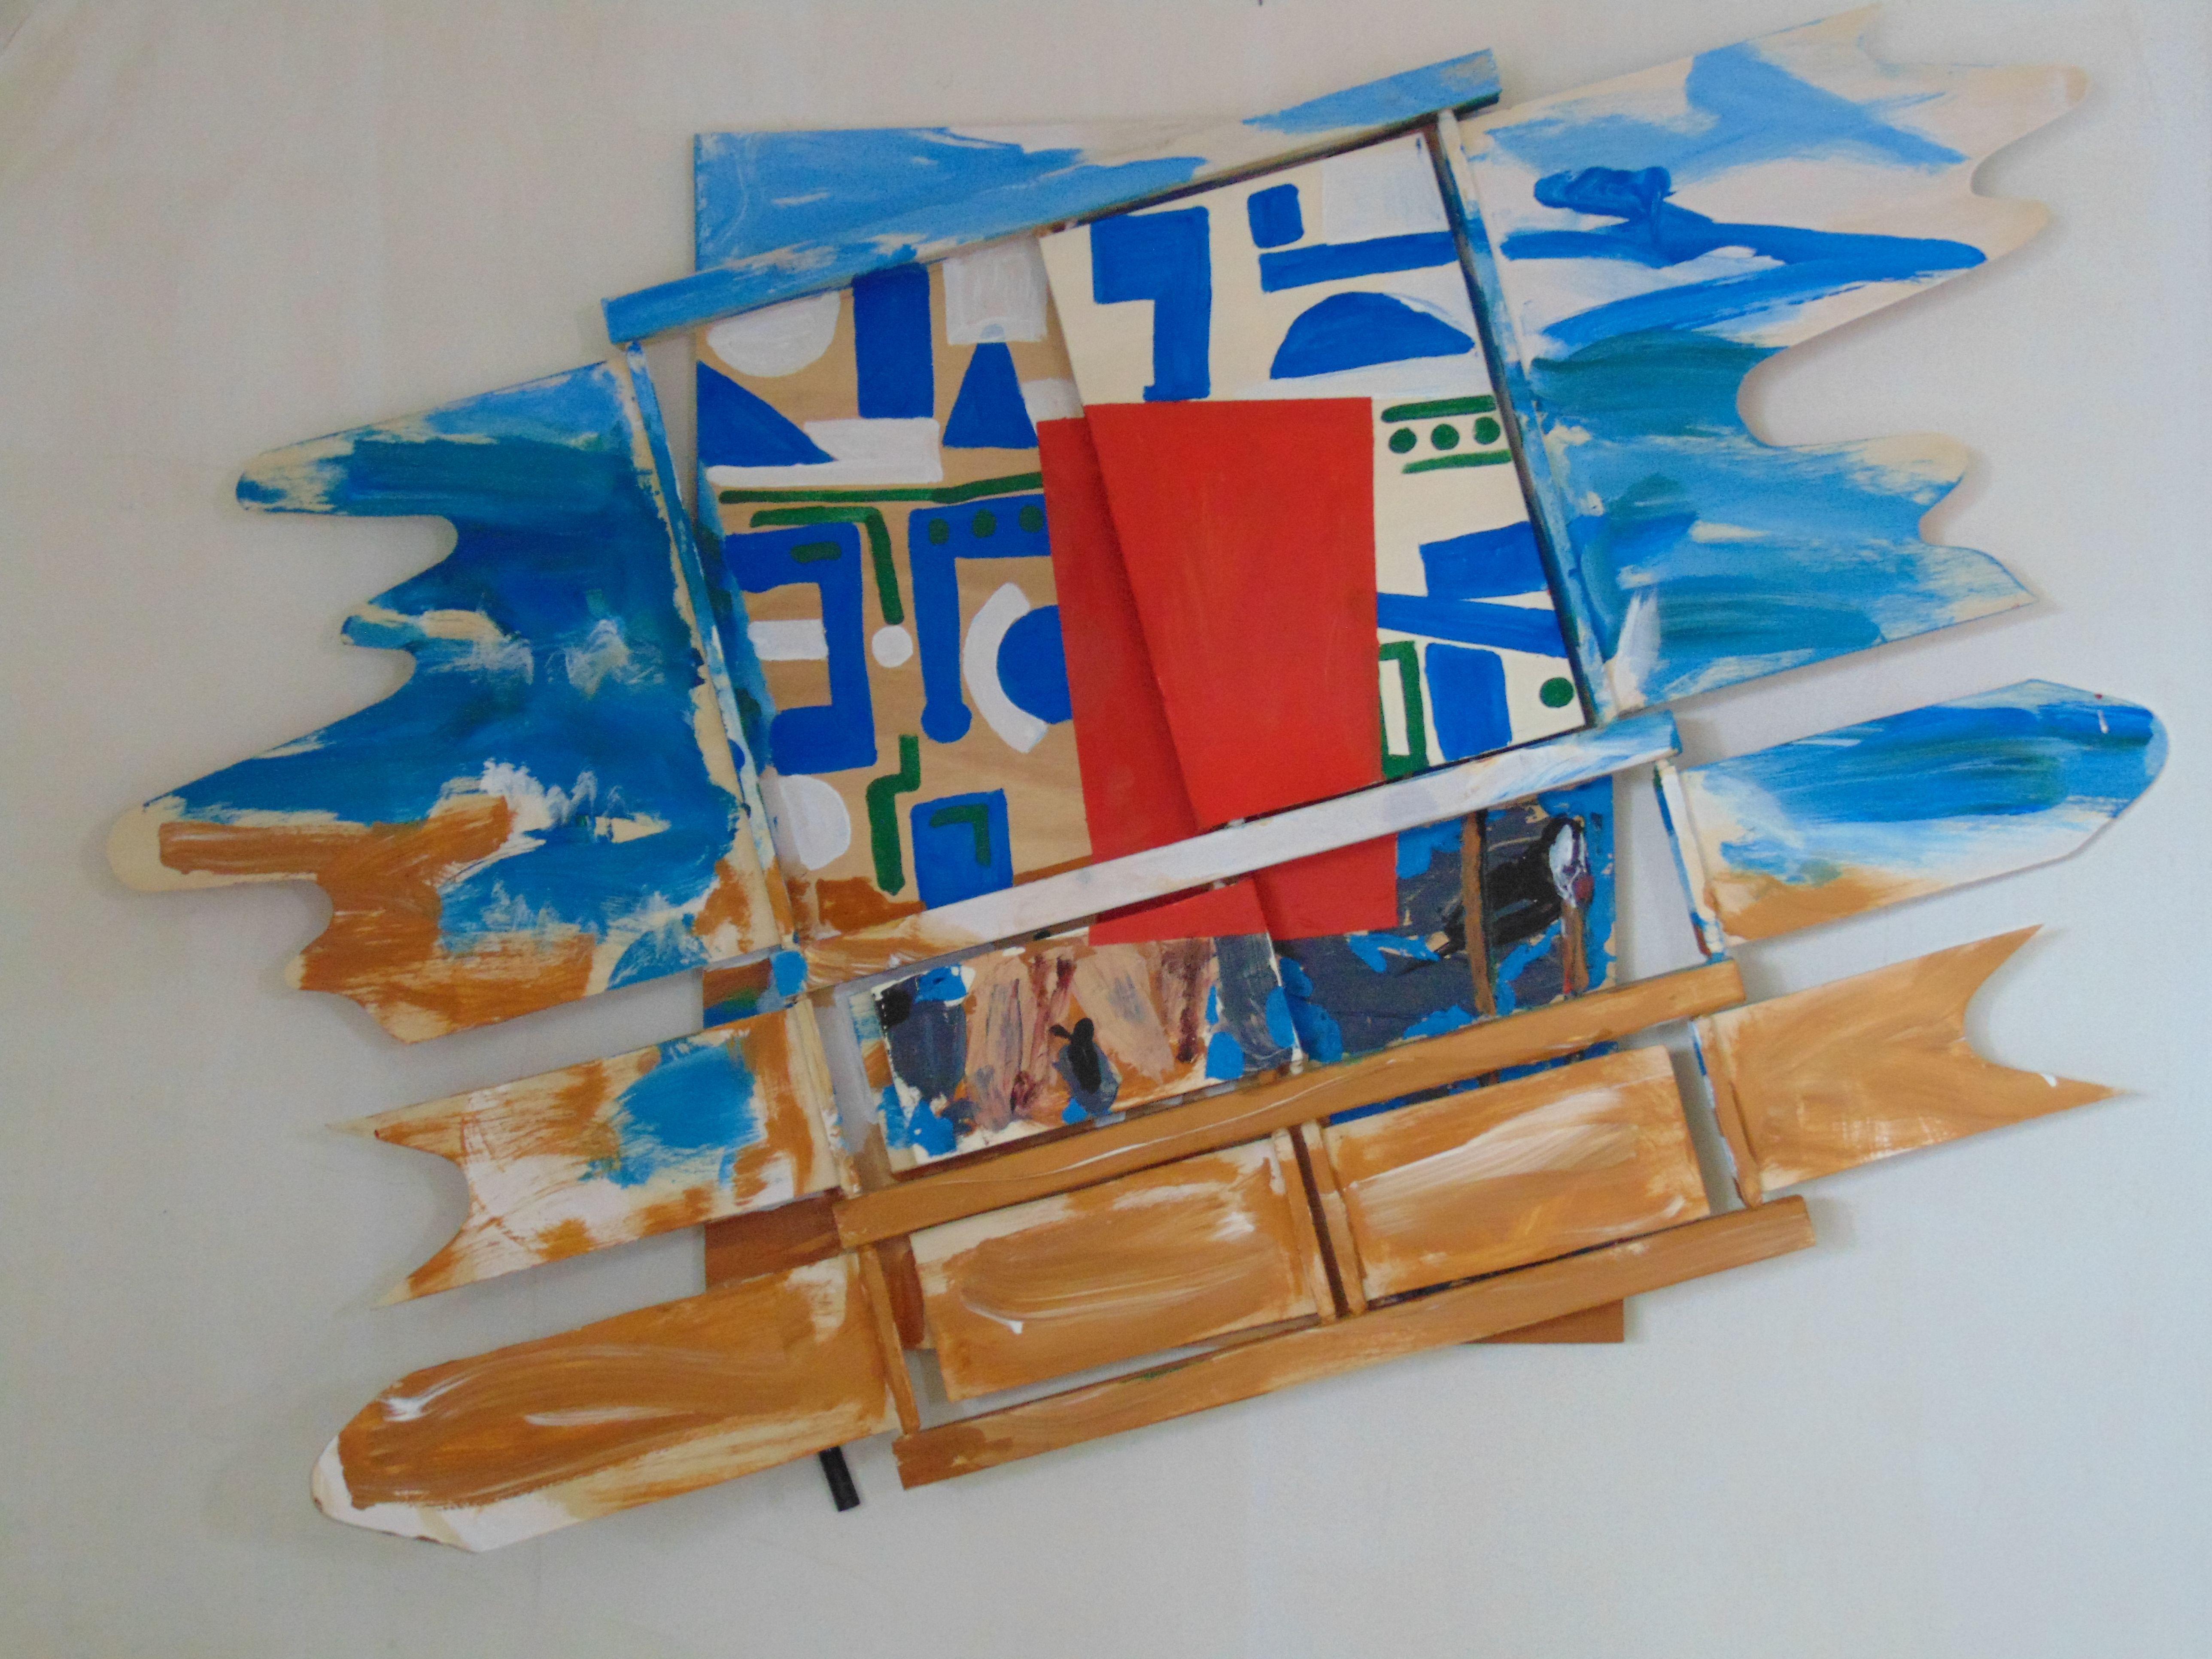 Oben Blau-weiß, unten braun, mittig rote monochrome Fläche